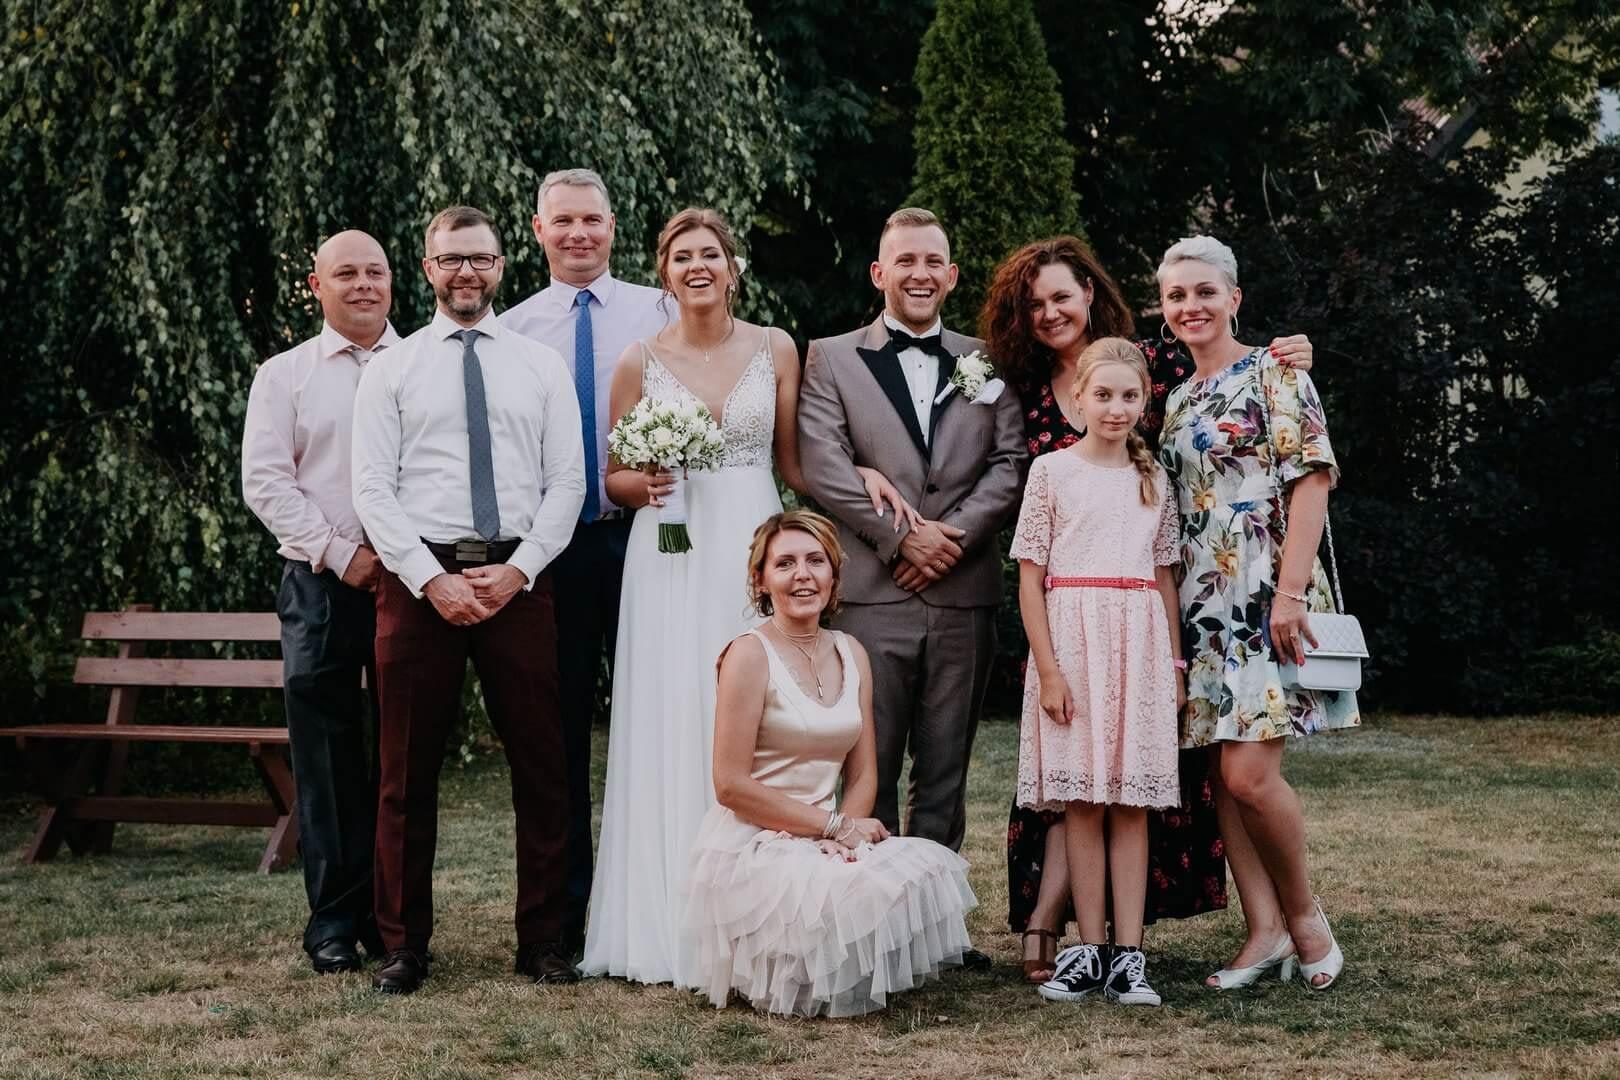 Zdjęcia grupowe na weselu. fotograf Szpakowicz Aleksander Gdańsk, Trójmiasto - szpakowicz-studio.pl 16